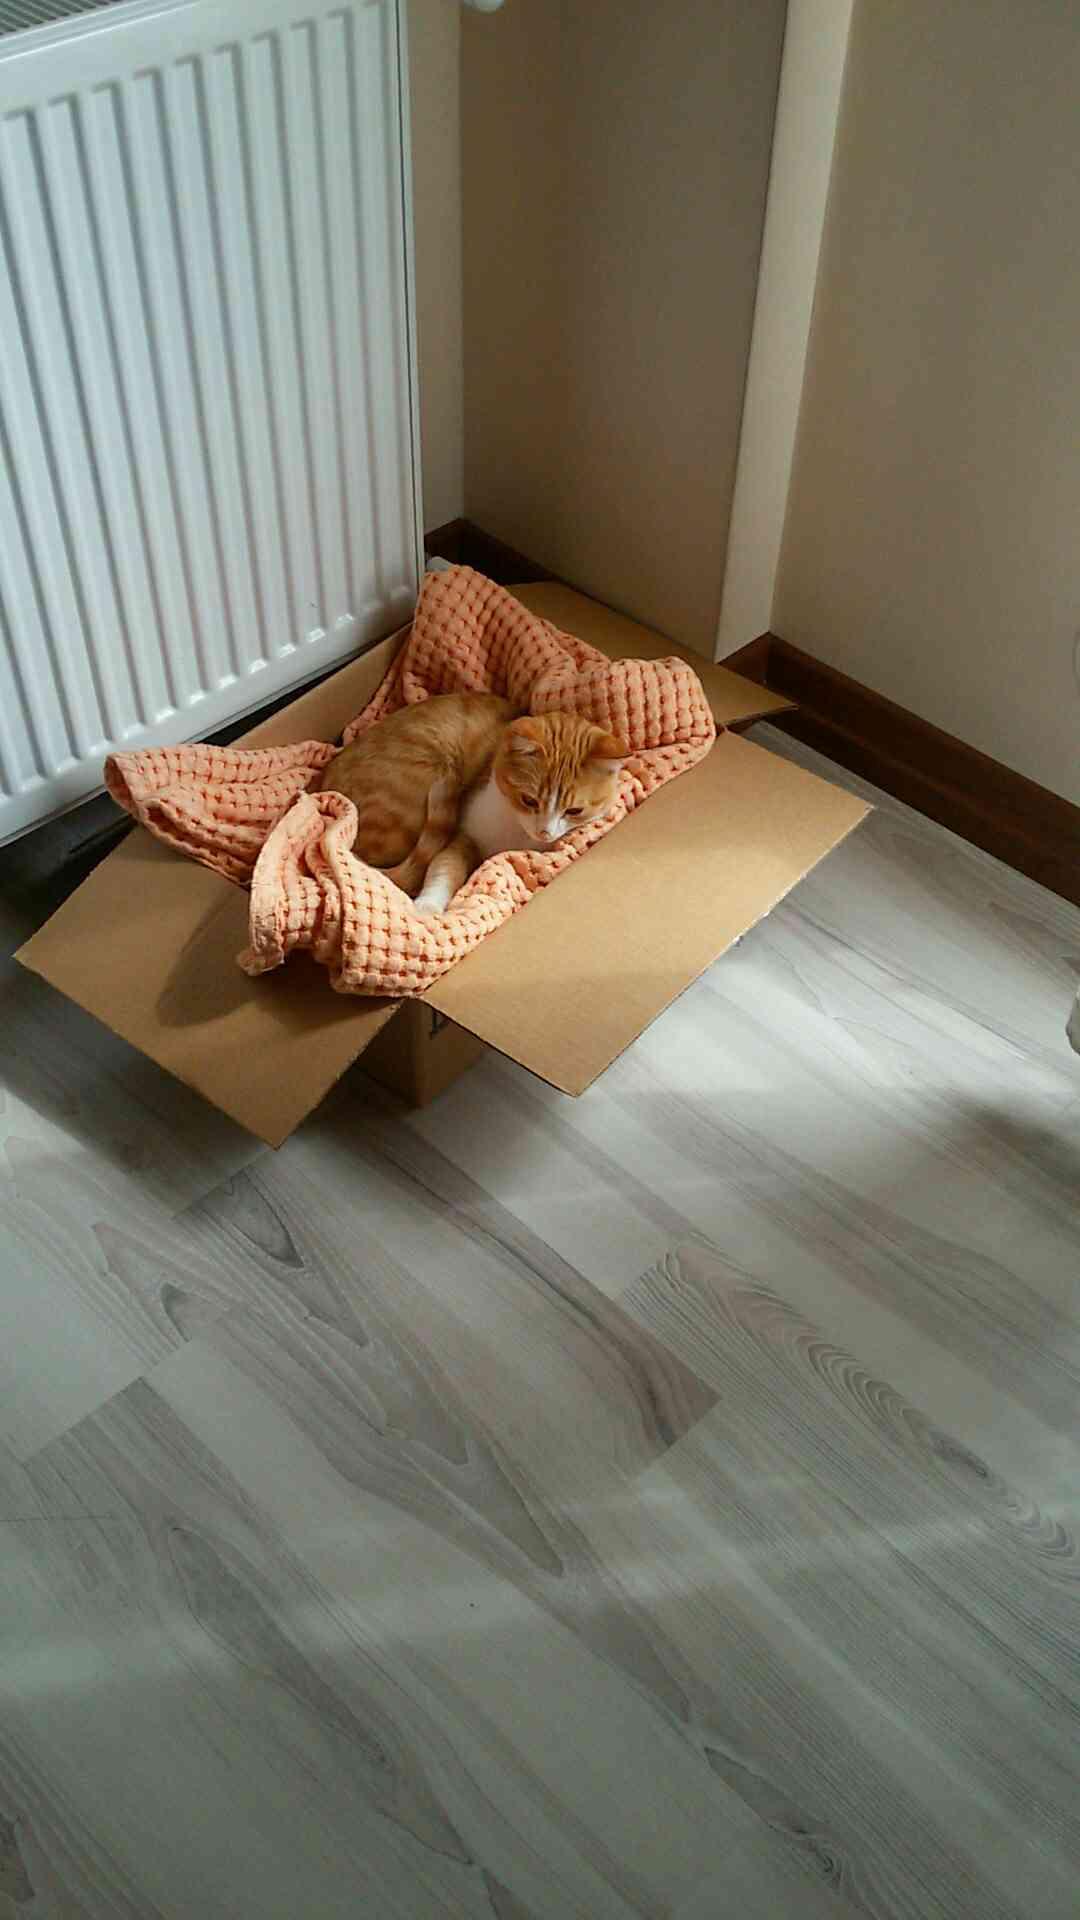 Sivas Seyrantepe'de sarı gözlü ŞAKİR kedim kayboldu!